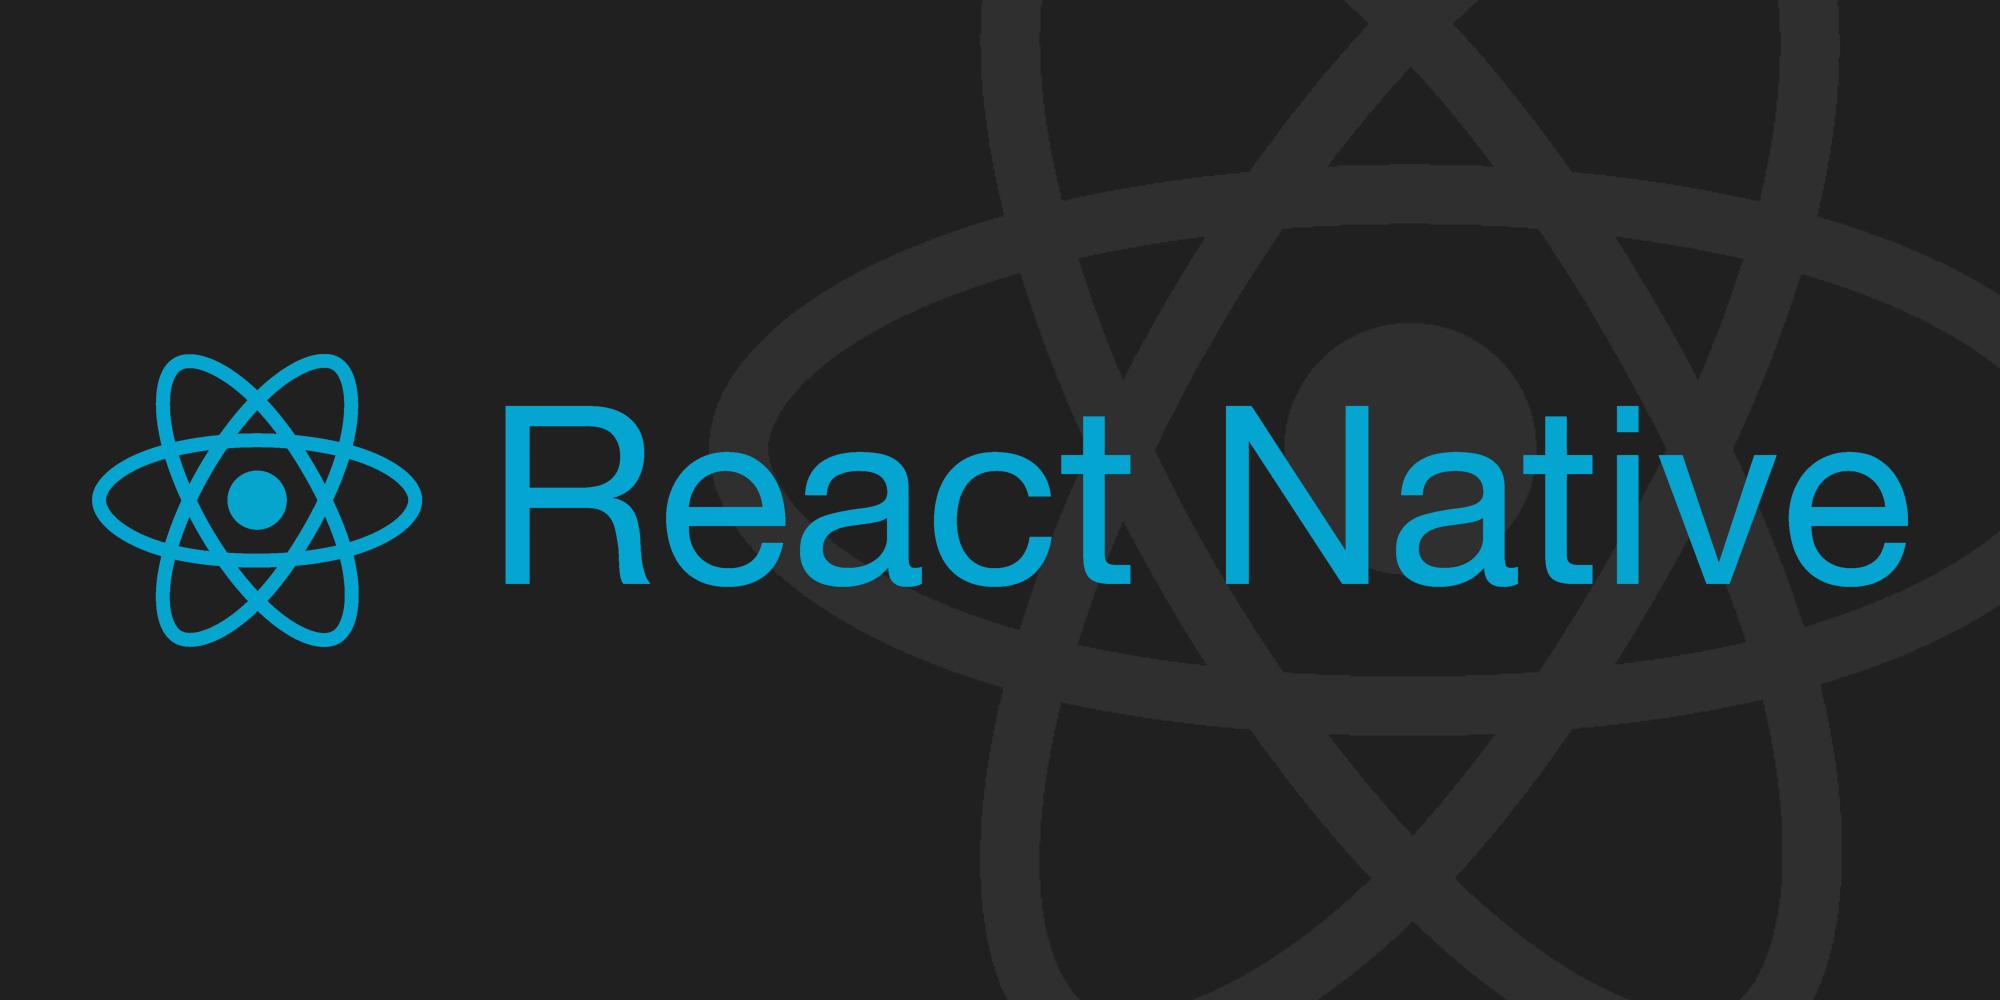 curso de react native